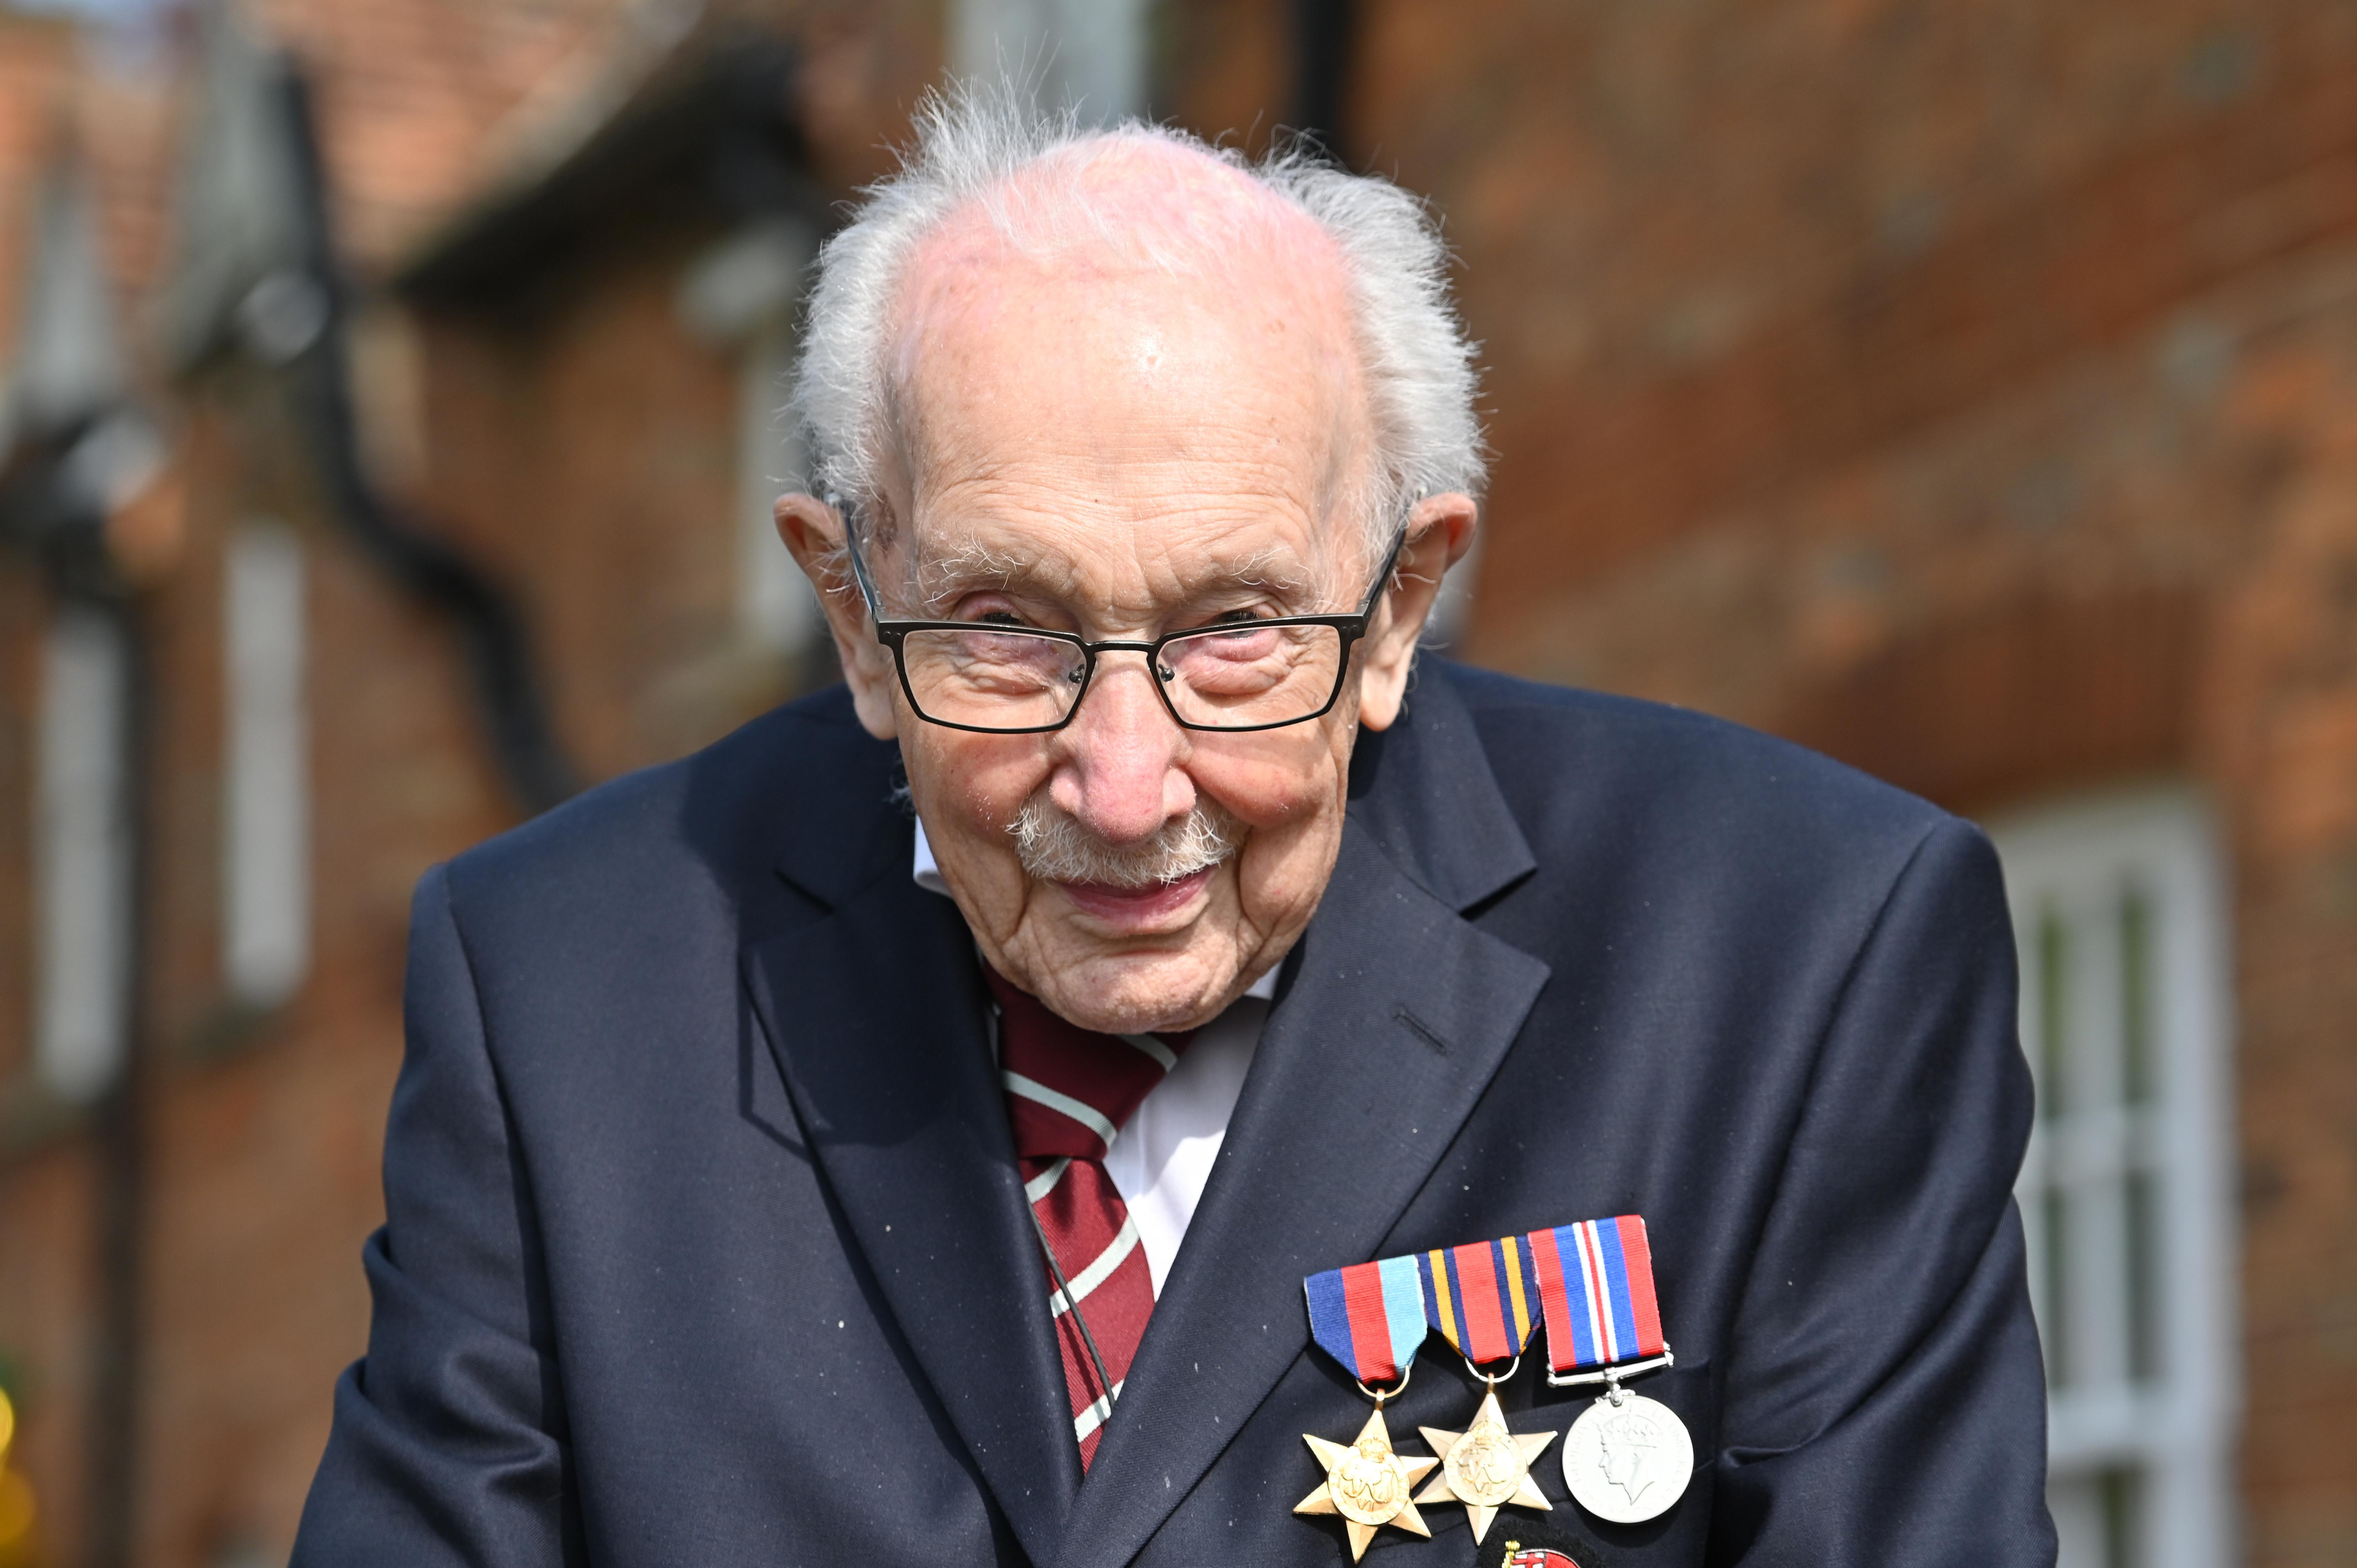 99 évesen került a brit slágerlisták élére a jótékonysági sétára induló Tom Moore kapitány